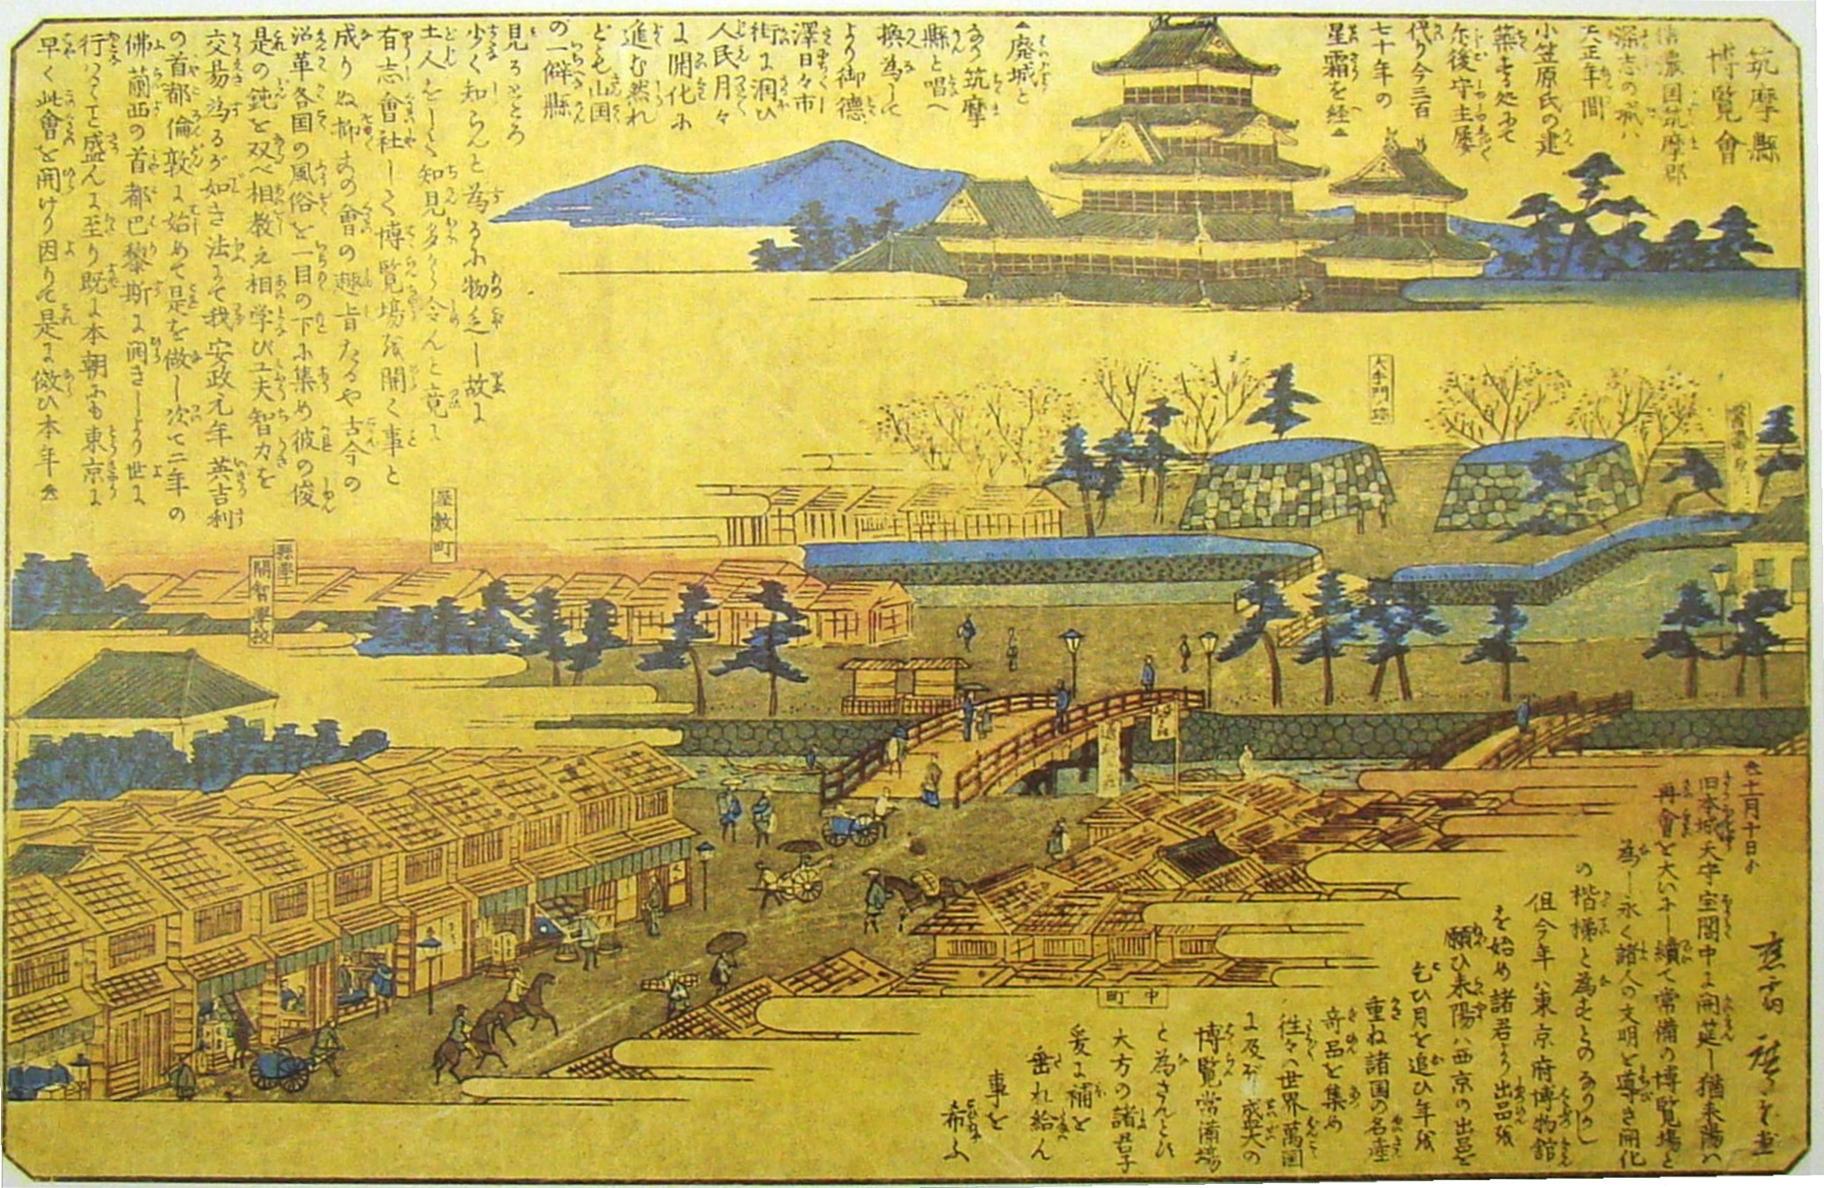 明治6年(1873) 筑摩県博覧会の錦絵